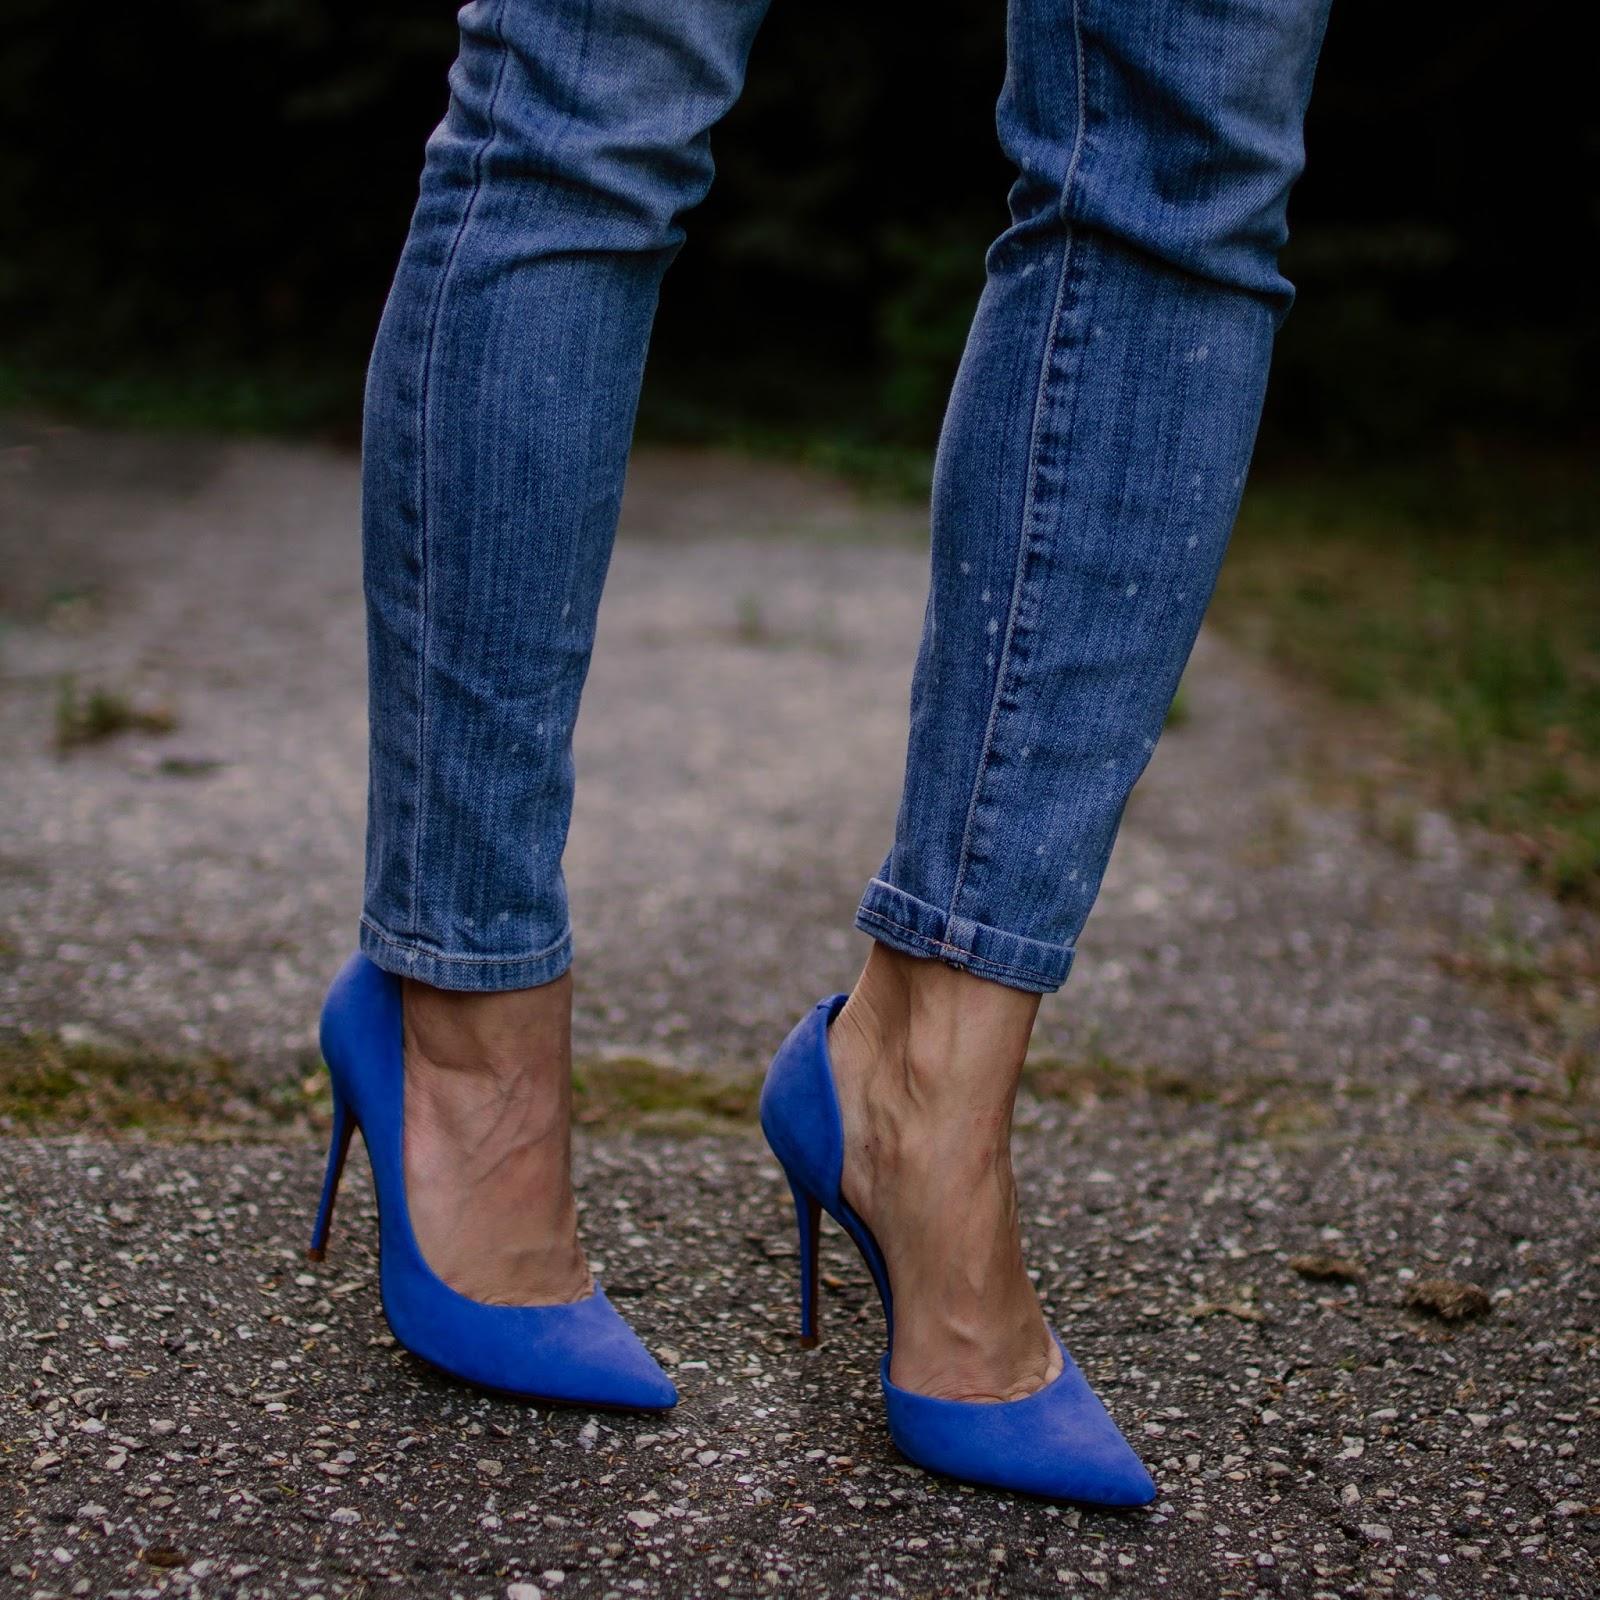 dorsay-blue-pump-blue-suede-shoes